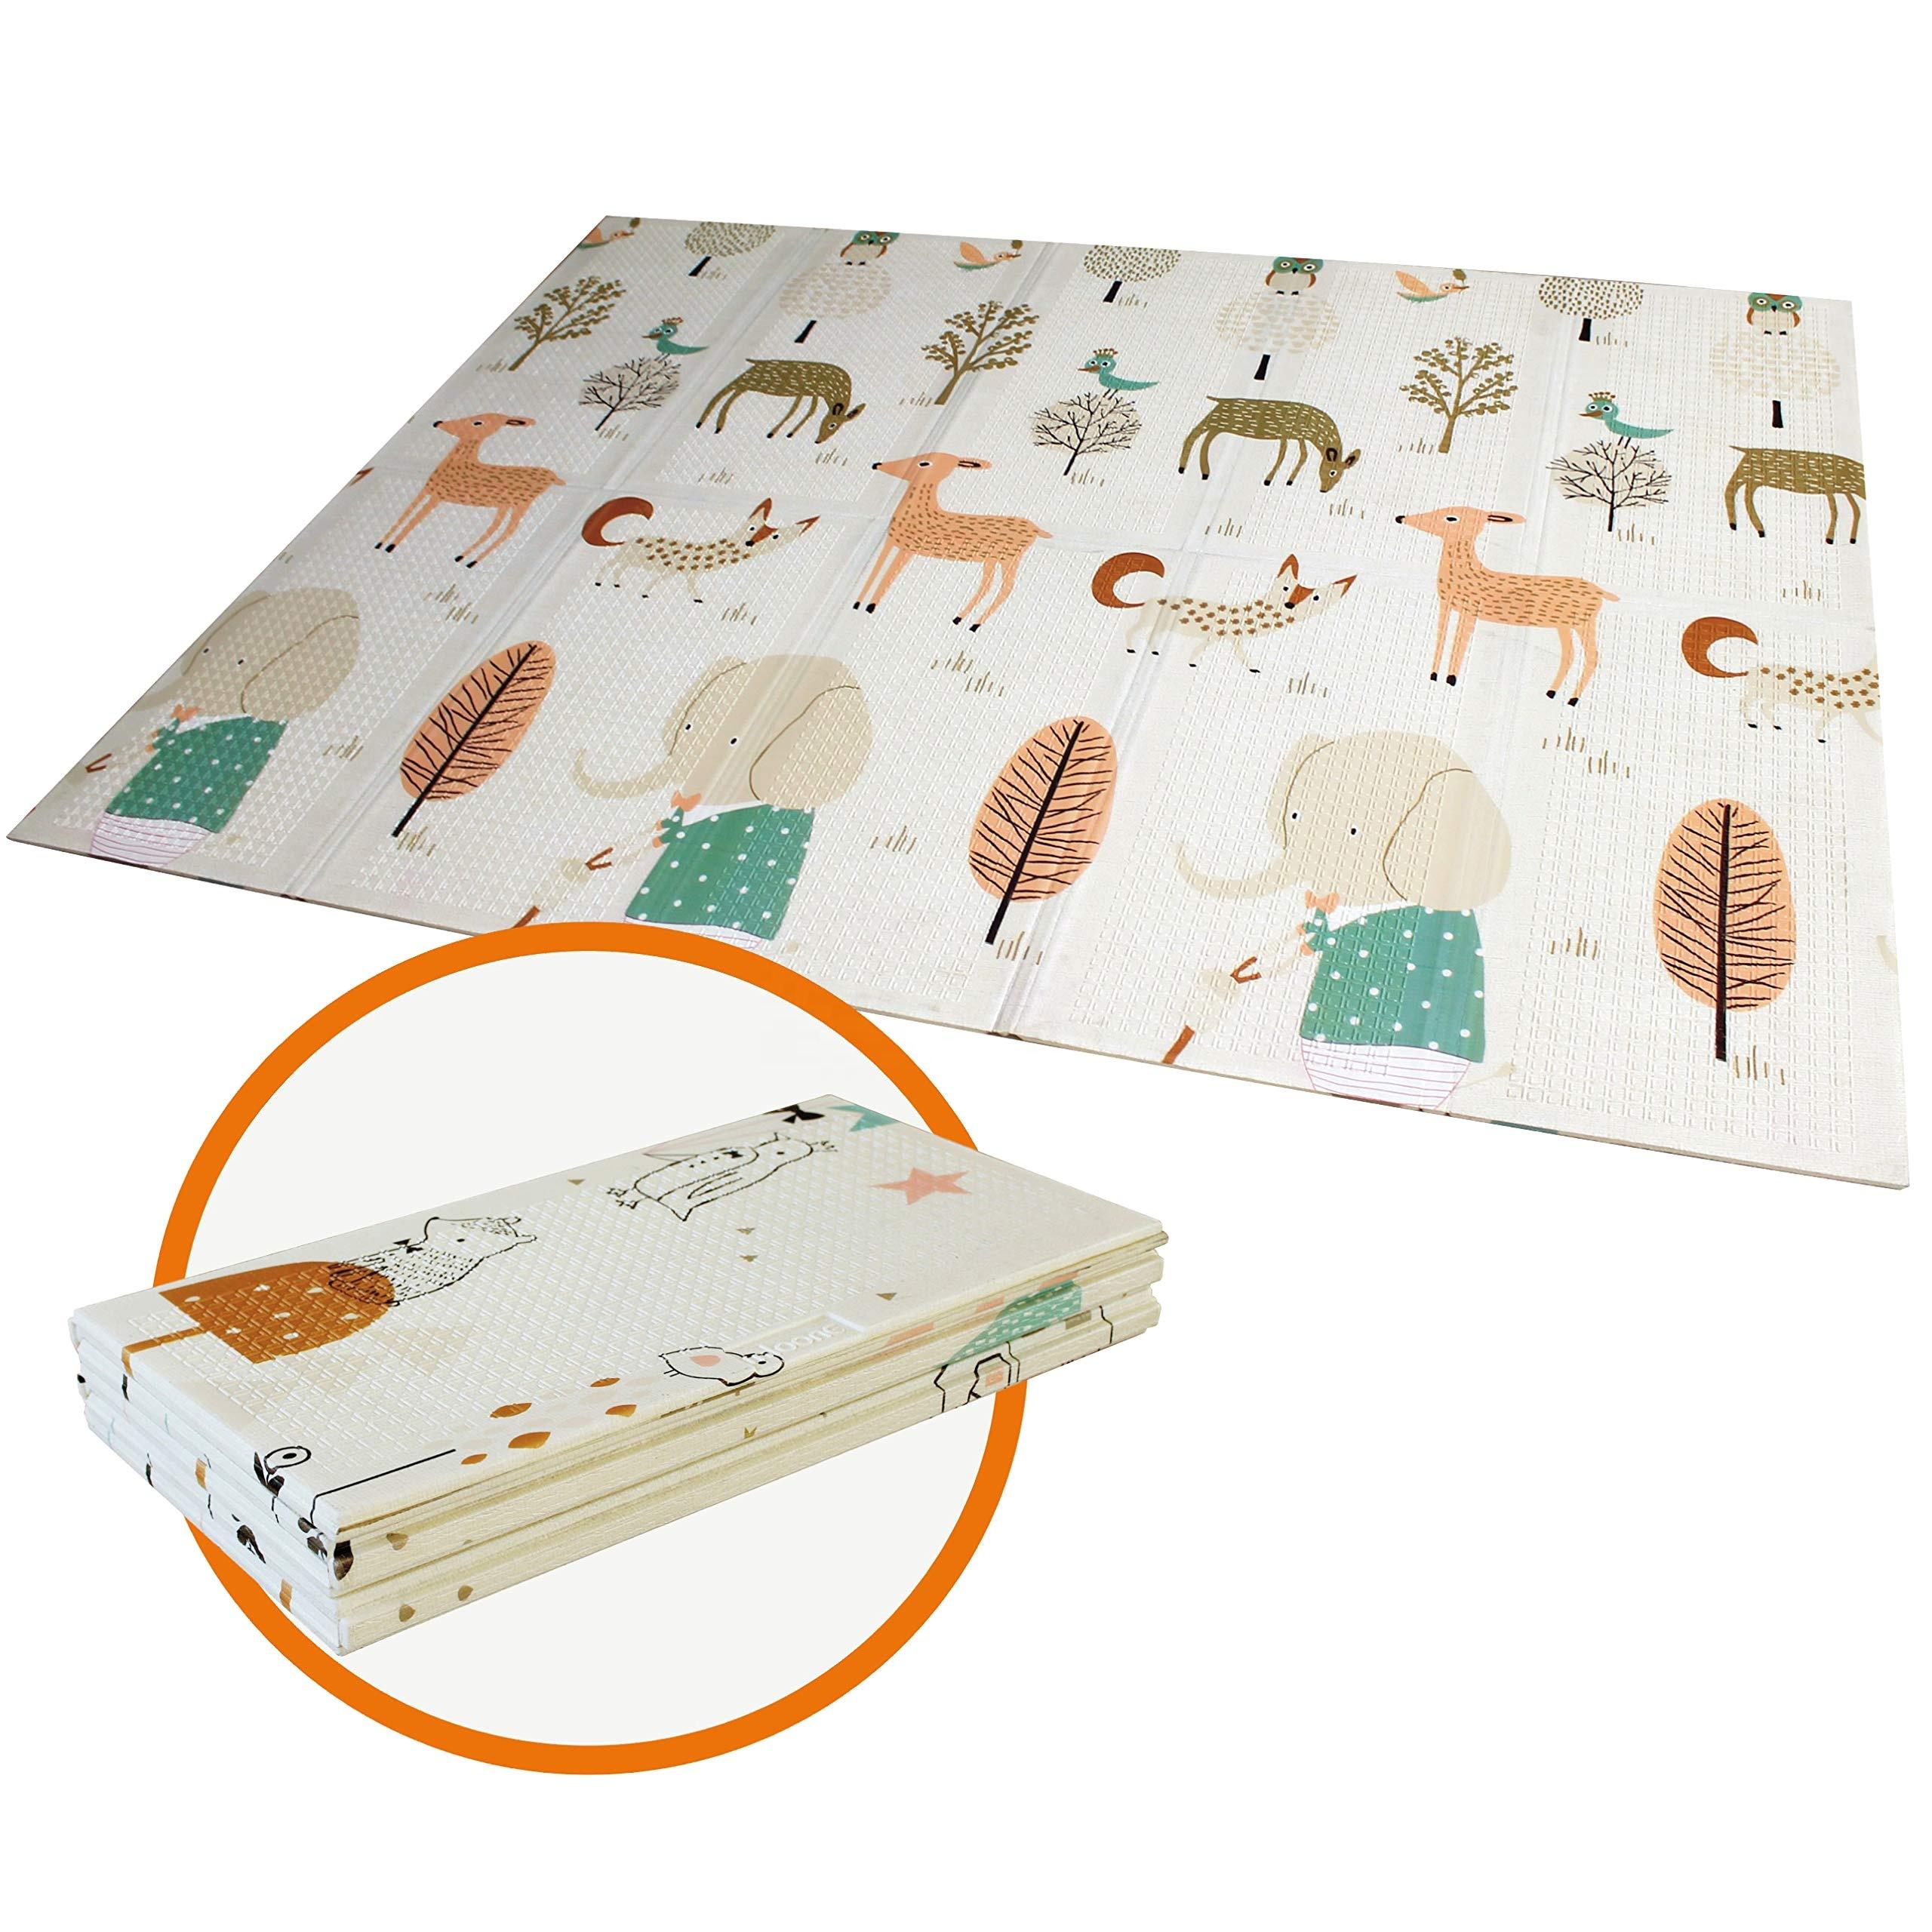 Лидер продаж 2020, детские складные игровые коврики из пенополиуретана Xpe для малышей Amazon, коврик для младенцев